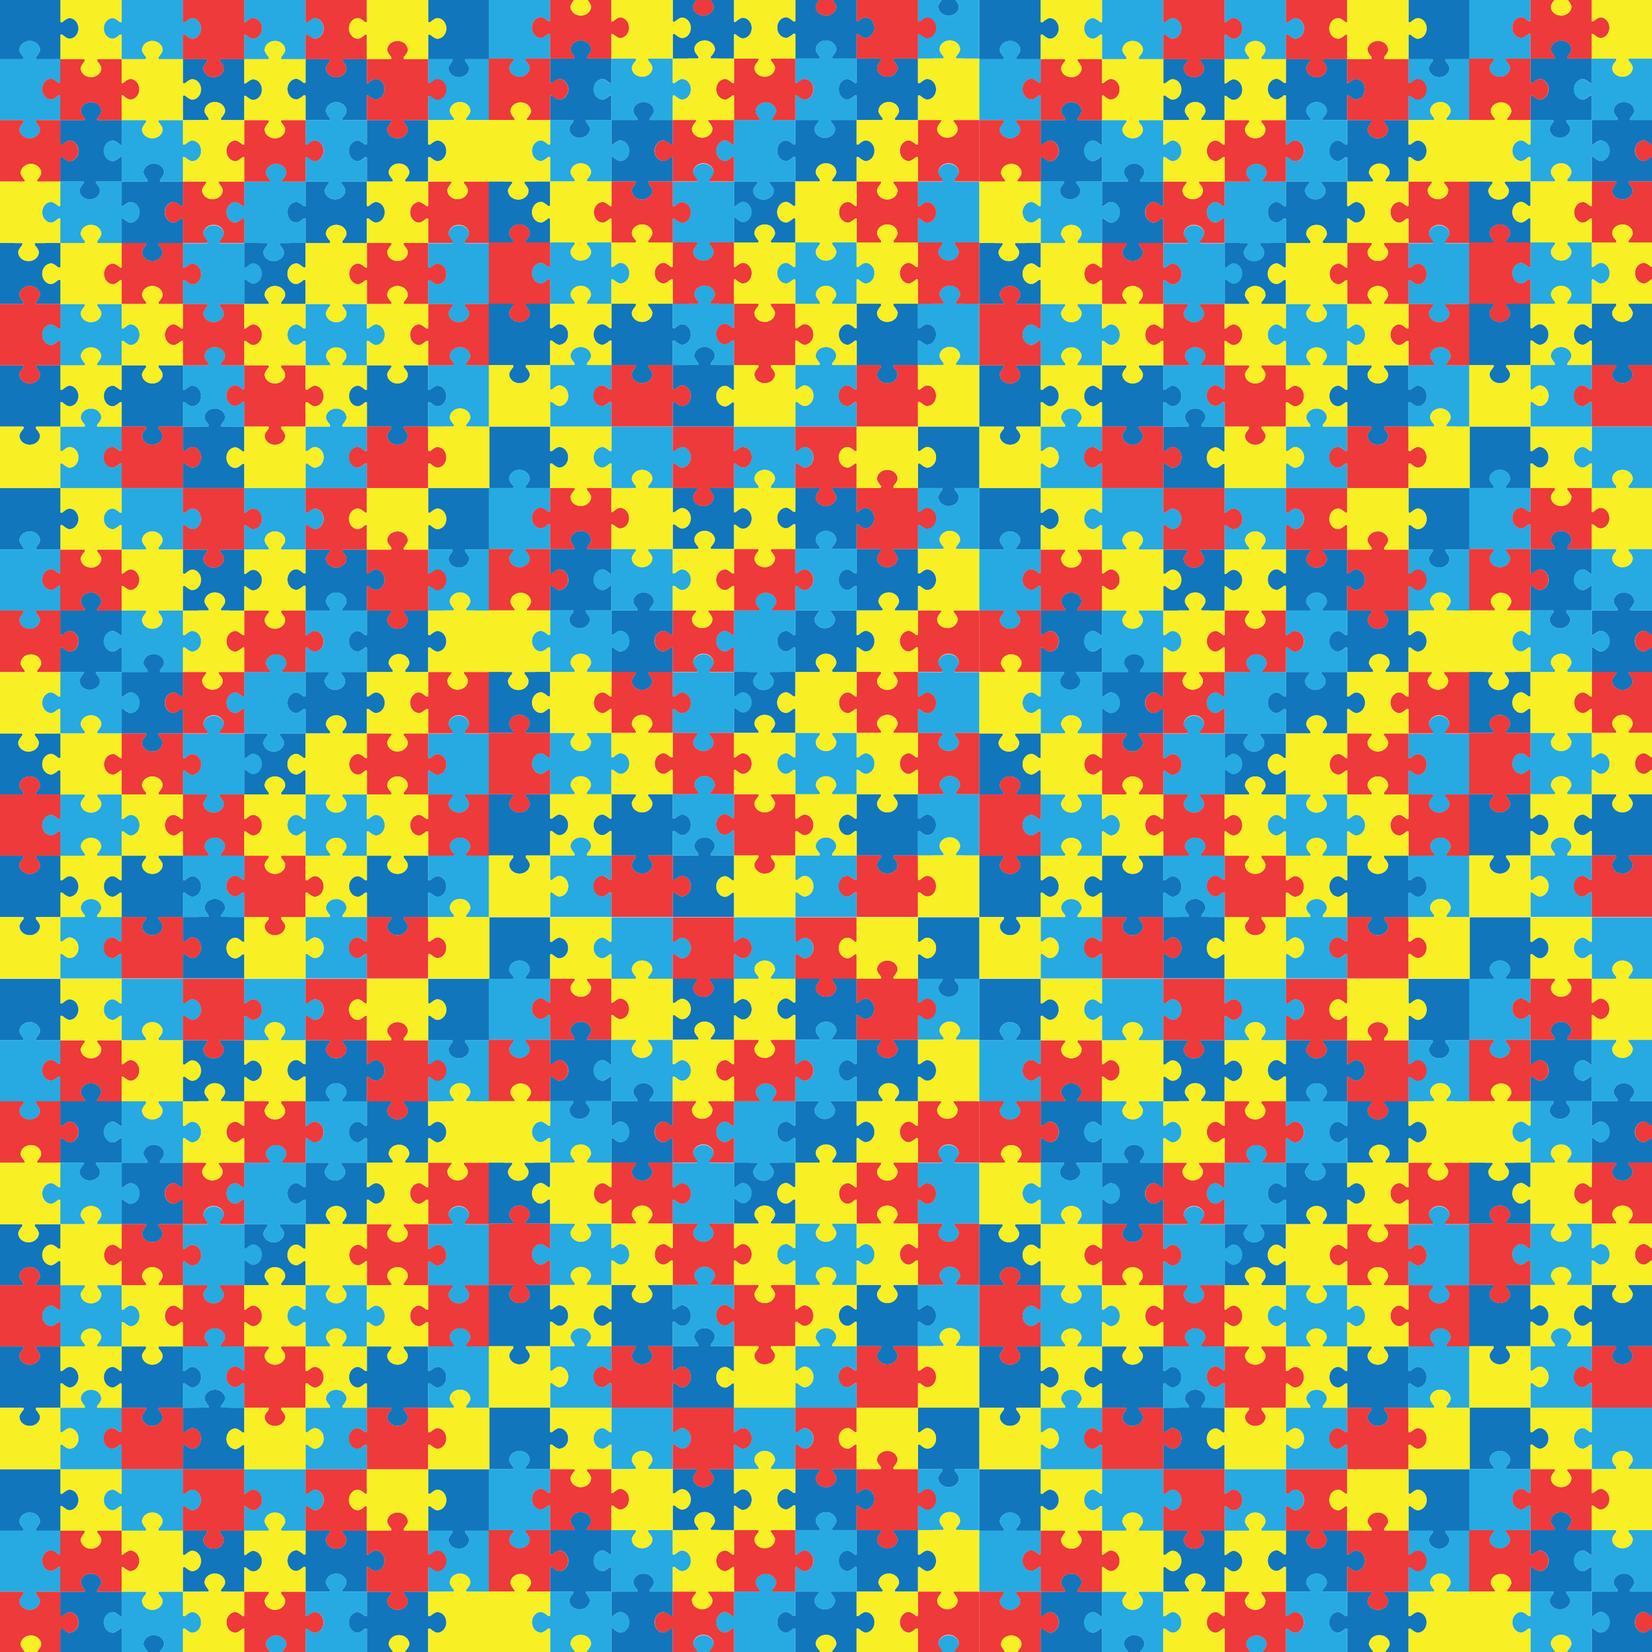 TVD Puzzle Piece